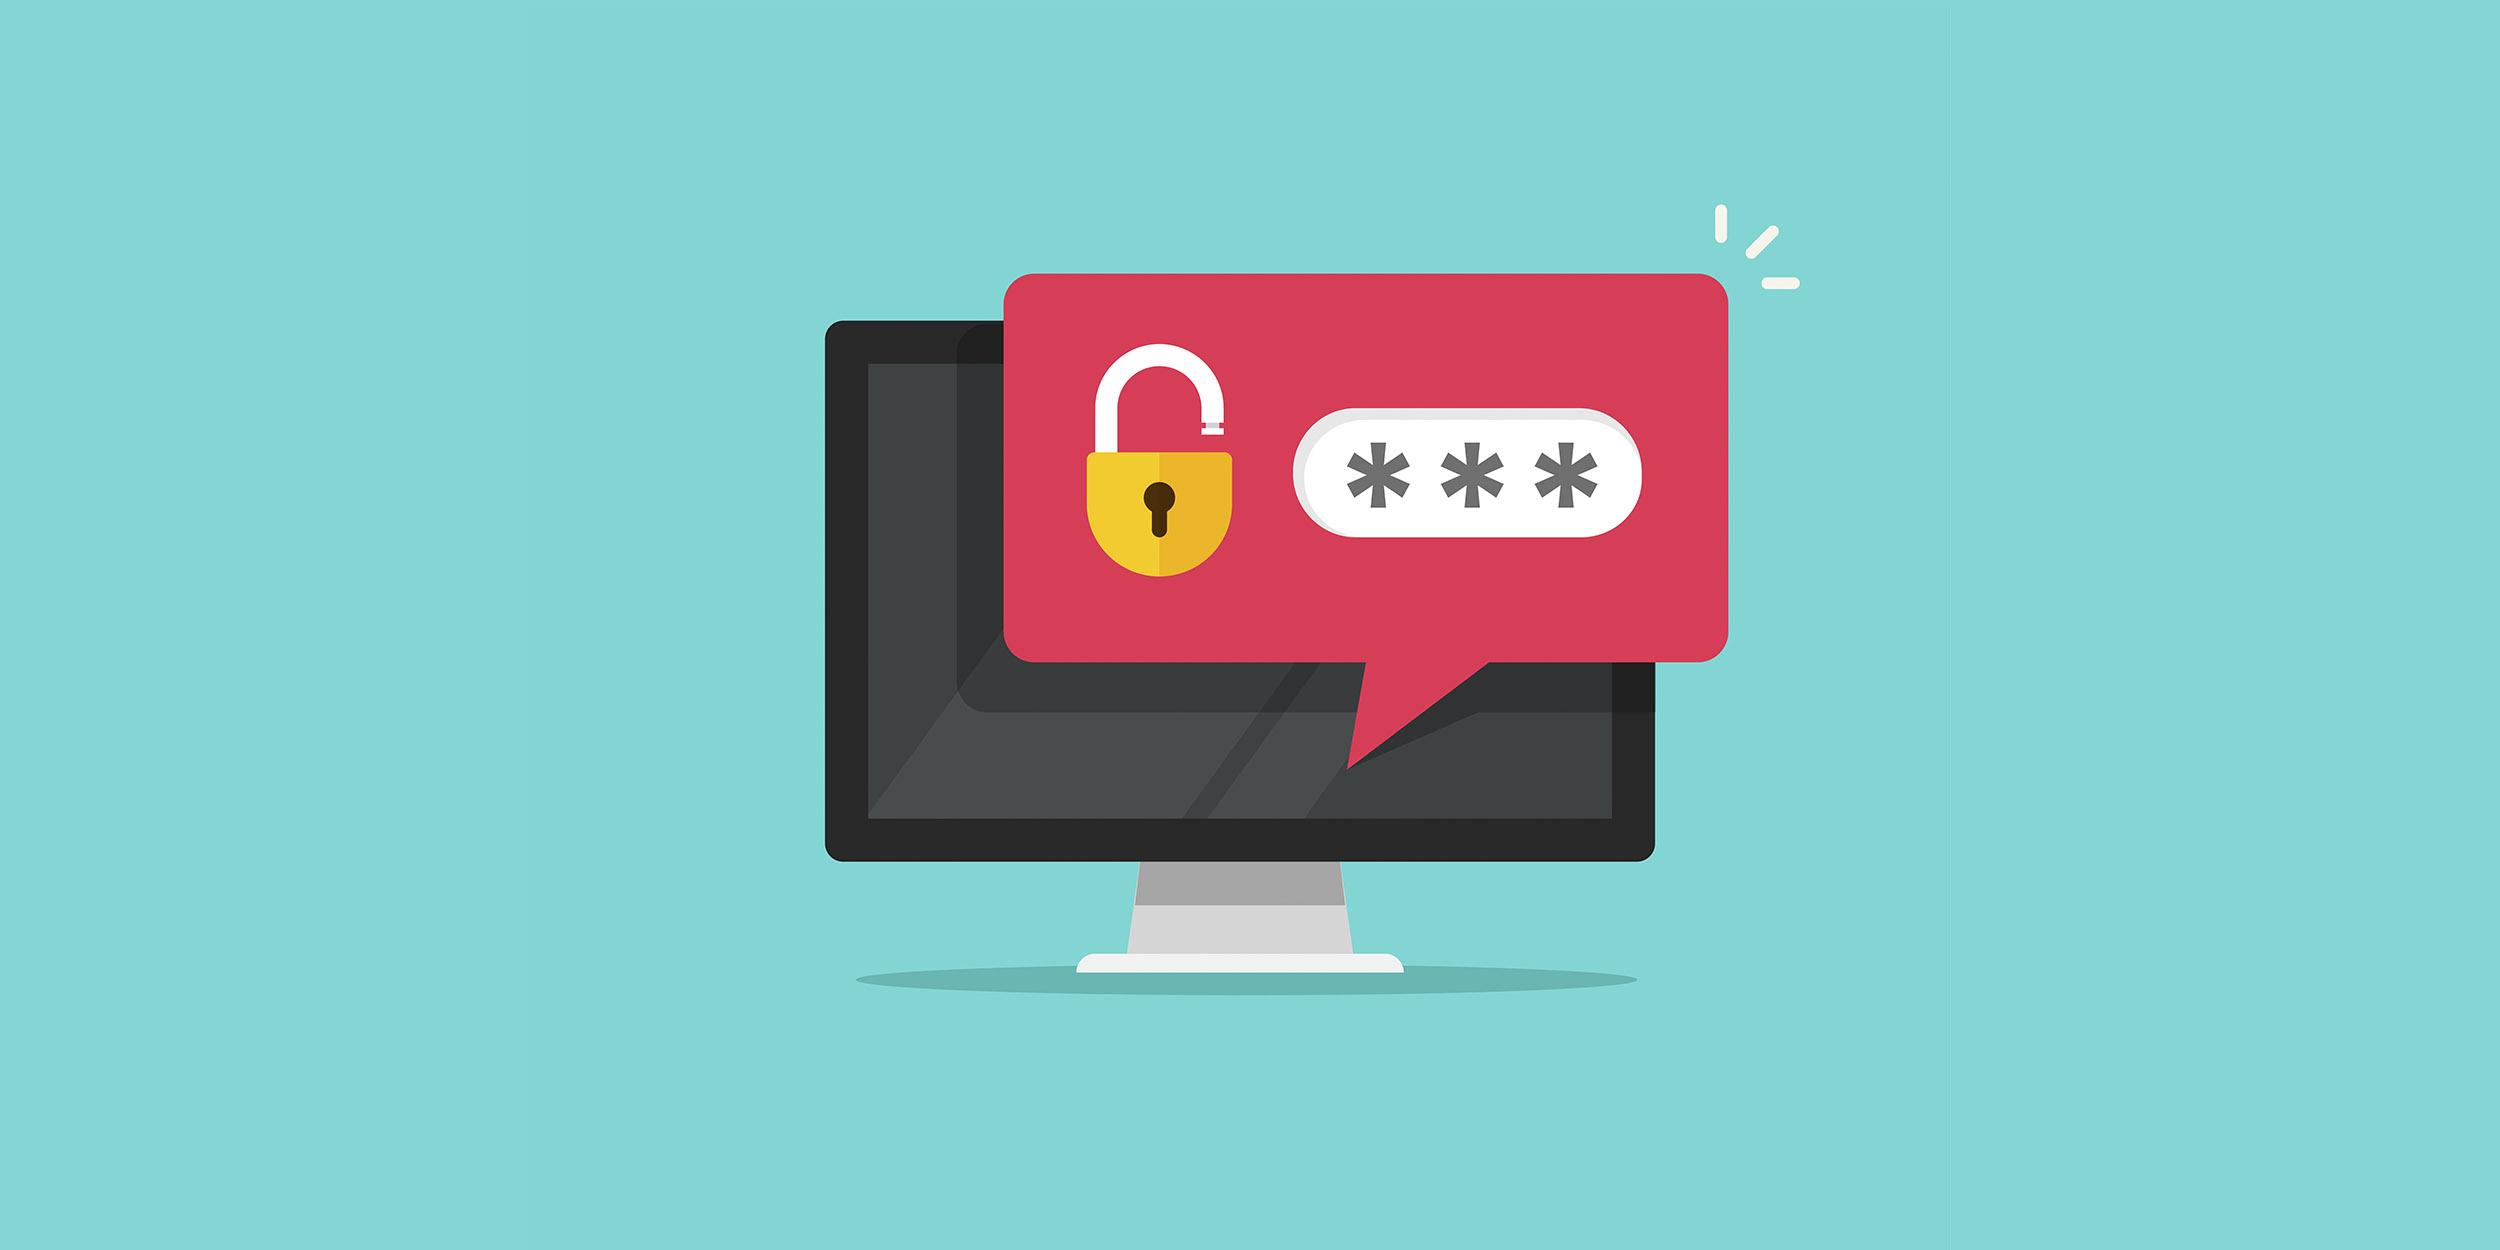 Надежный пароль: как придумать, примеры, советы по усложнению